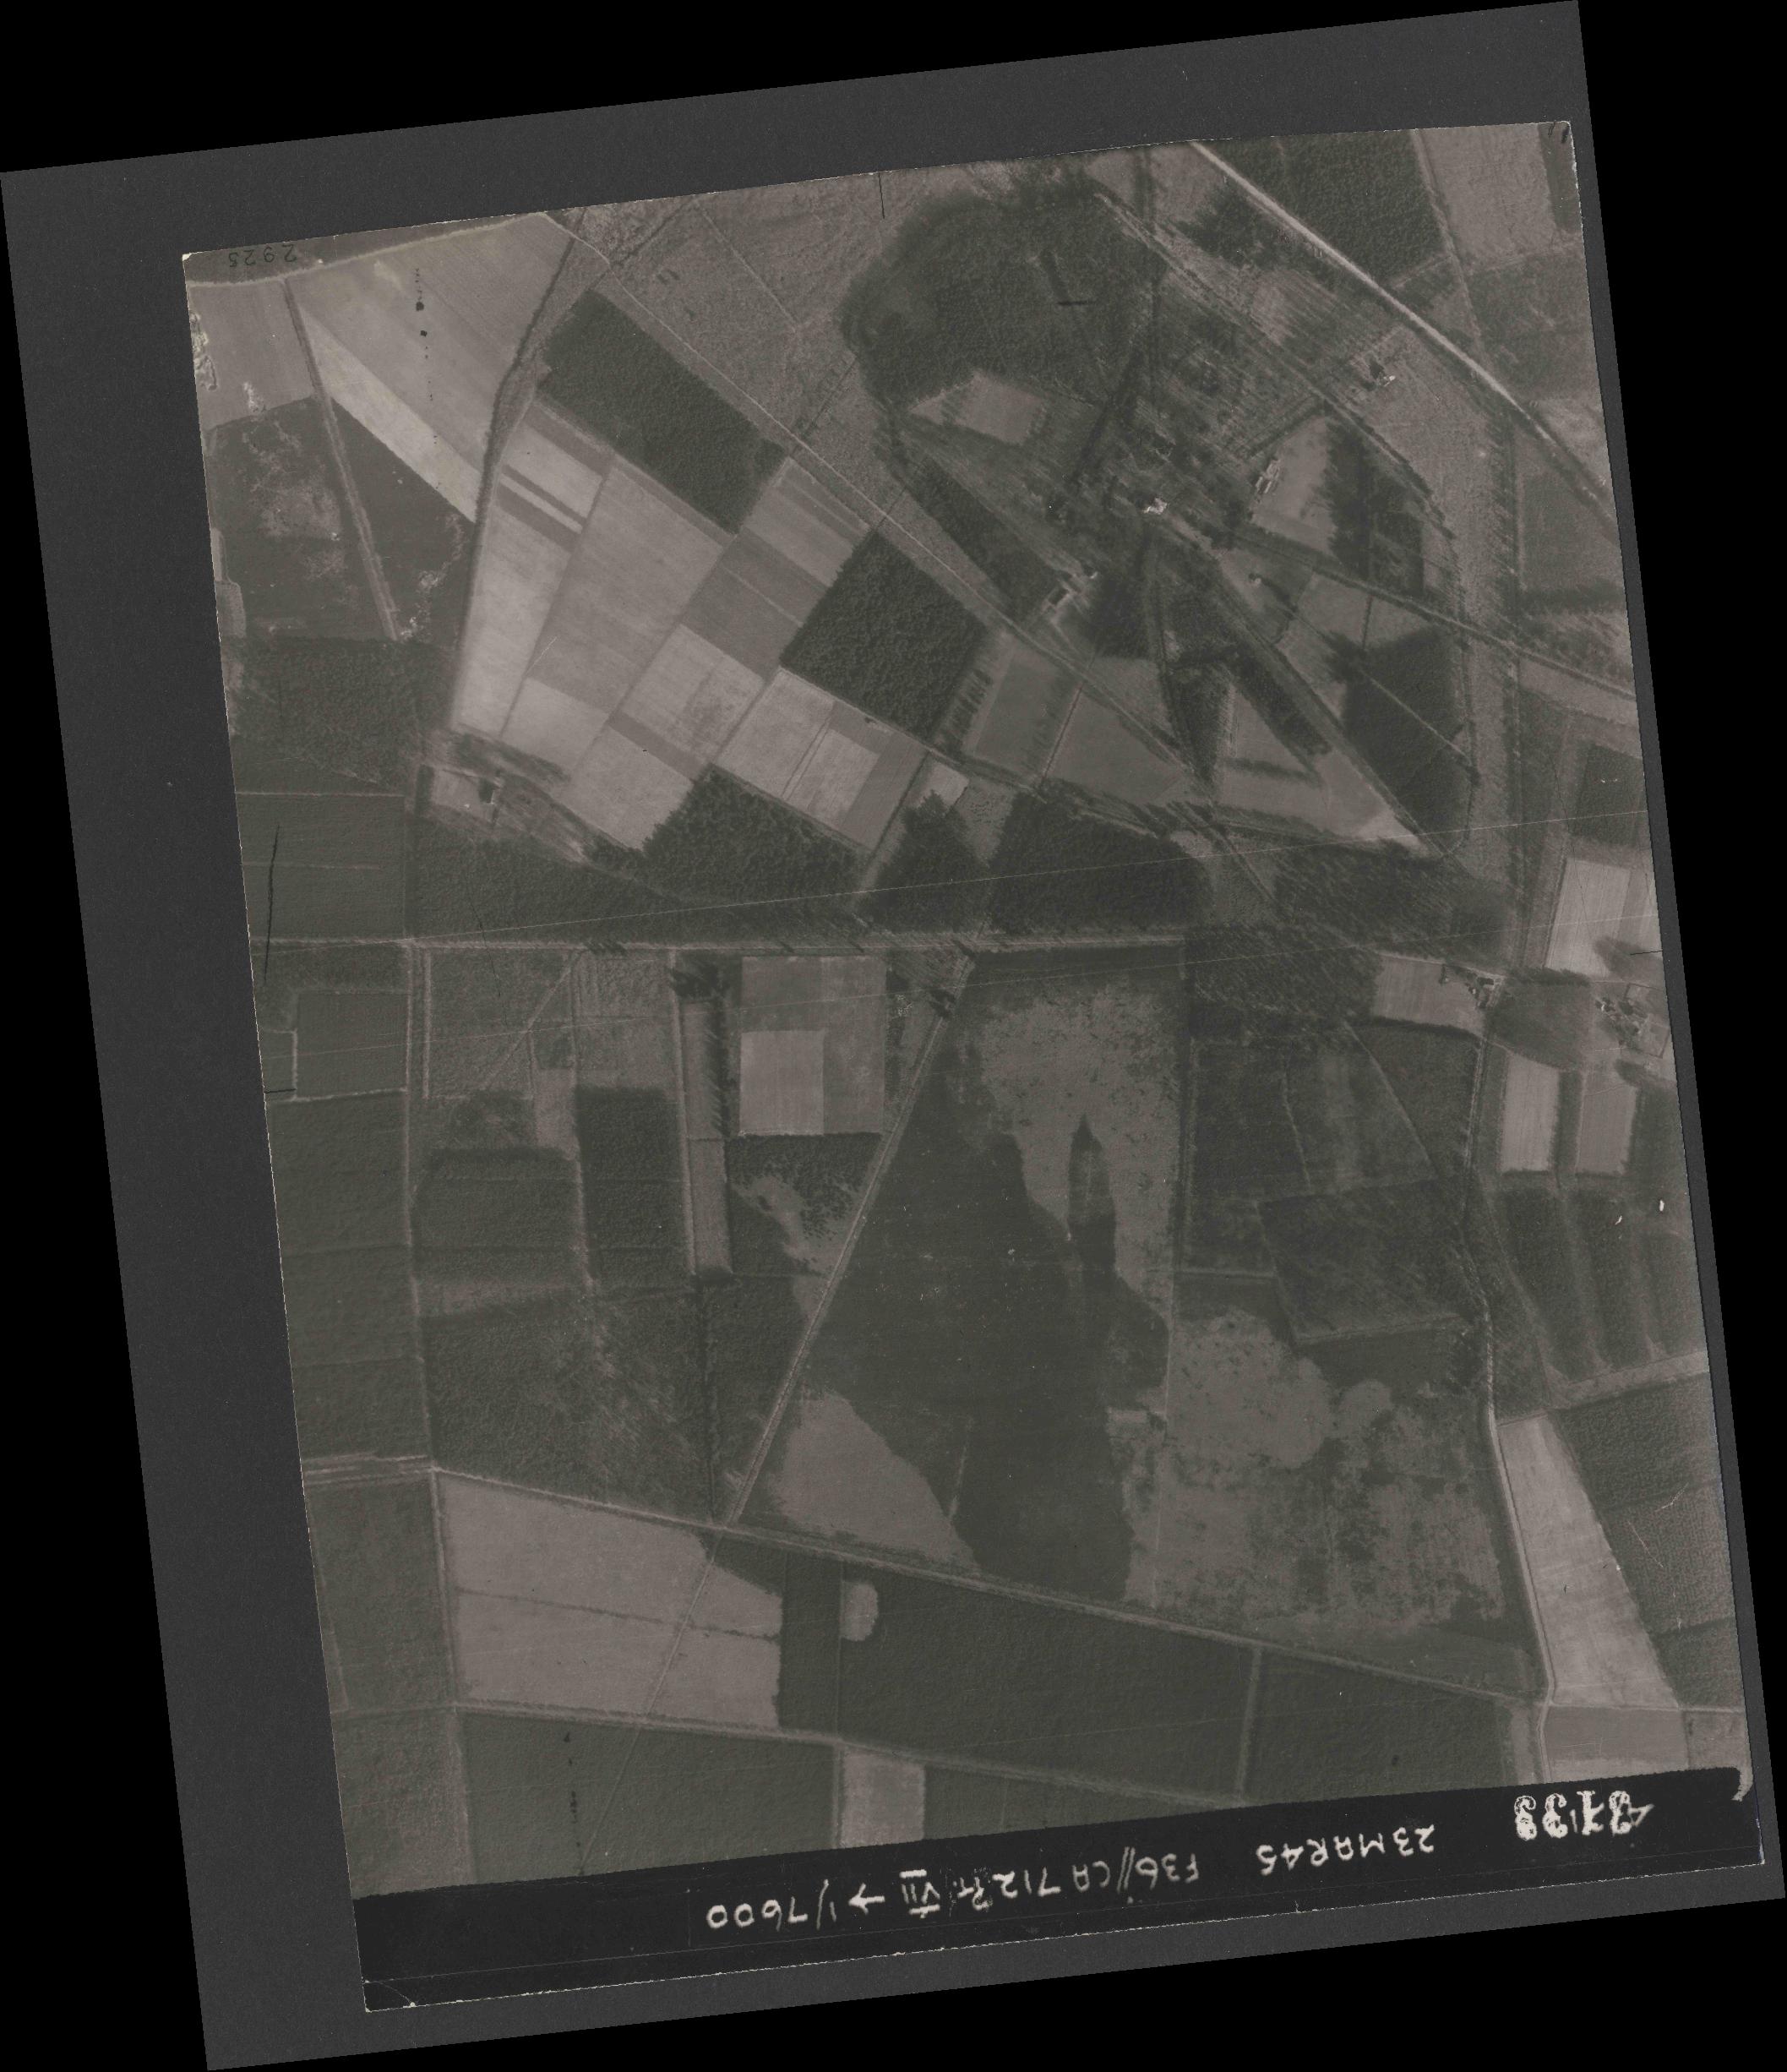 Collection RAF aerial photos 1940-1945 - flight 104, run 04, photo 3133